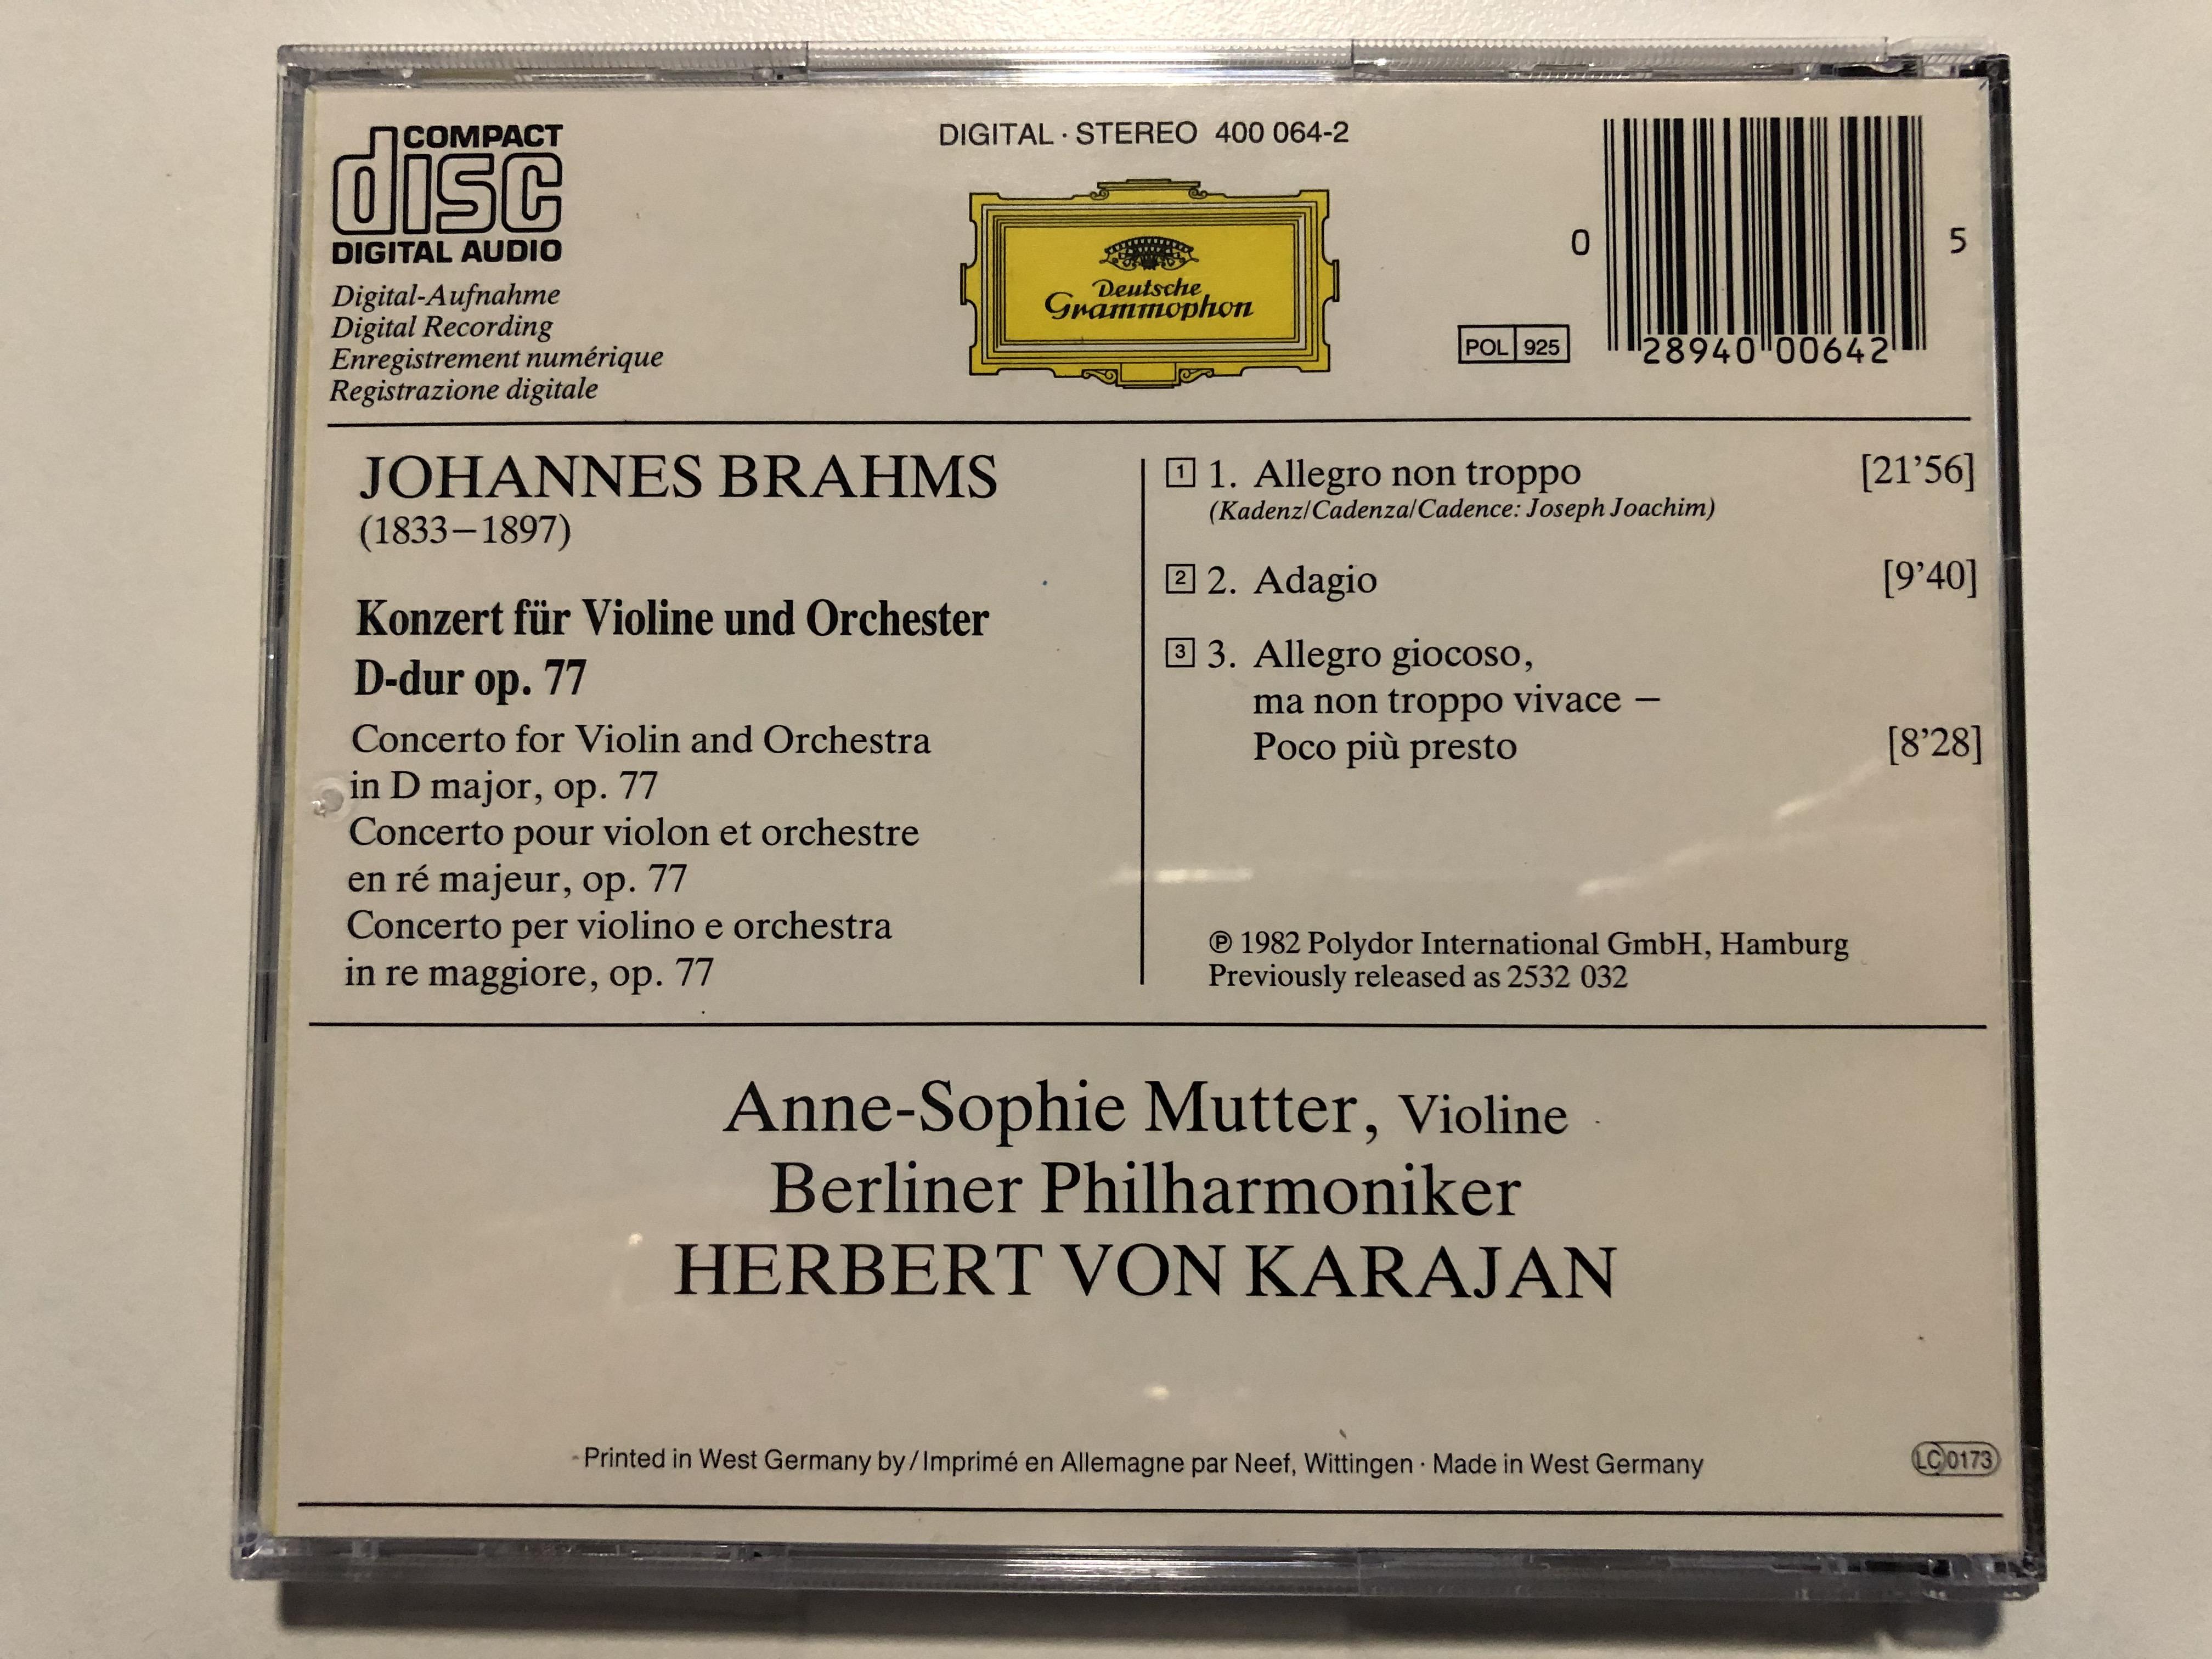 brahms-violinkonzert-violin-concerto-.-concerto-pour-violon-anne-sophie-mutter-berliner-philharmoniker-herbert-von-karajan-deutsche-grammophon-audio-cd-stereo-400-064-2-4-.jpg